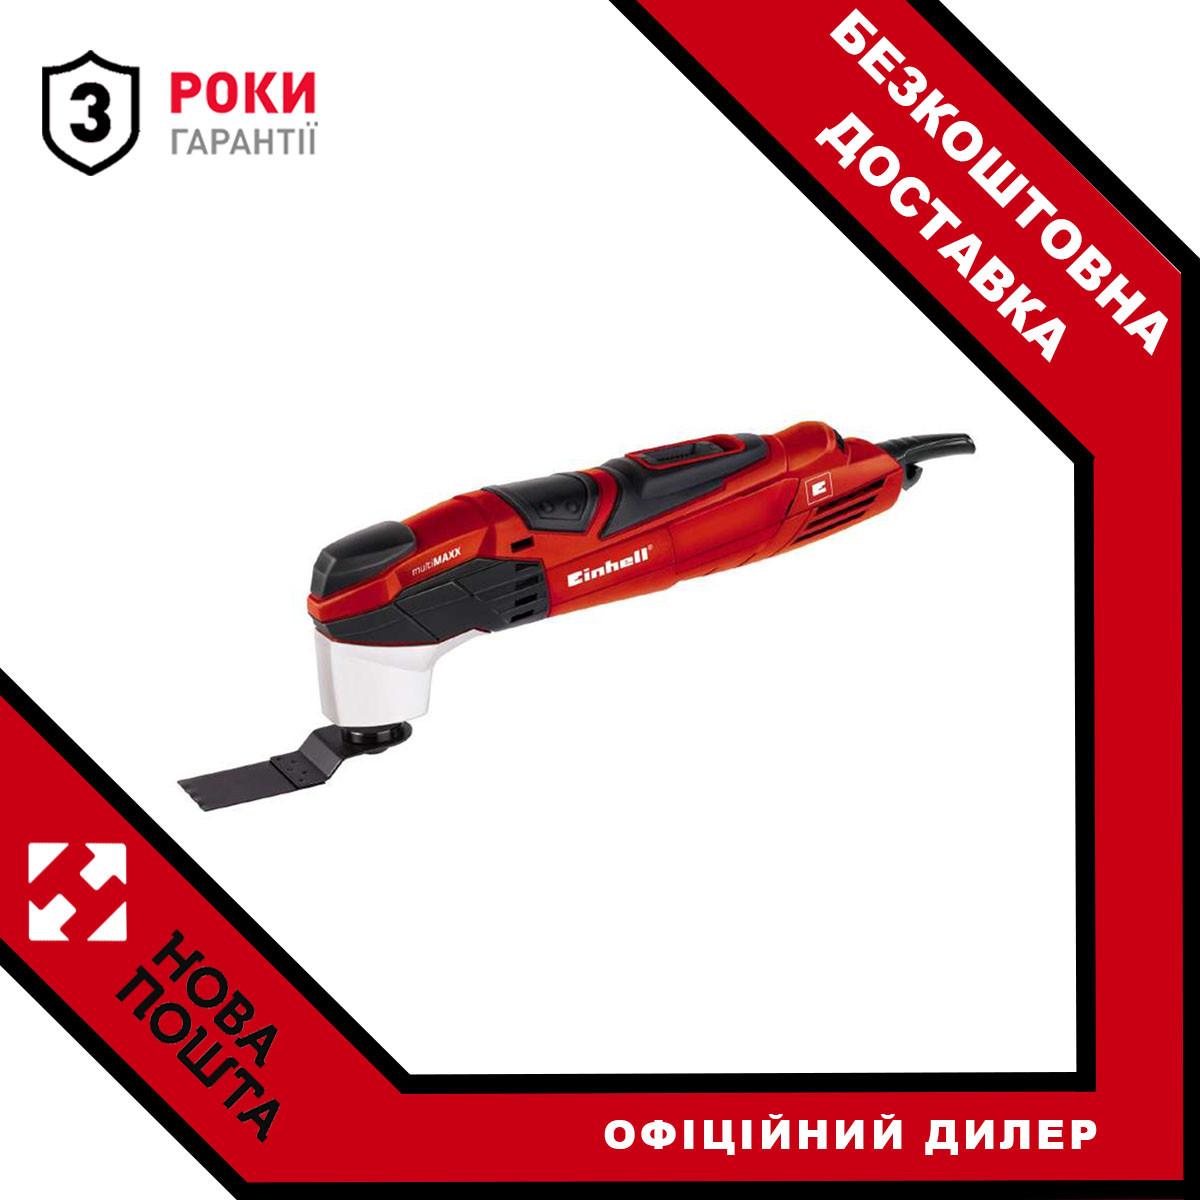 Многофункциональный инструмент Einhell TE-MG 200 CE